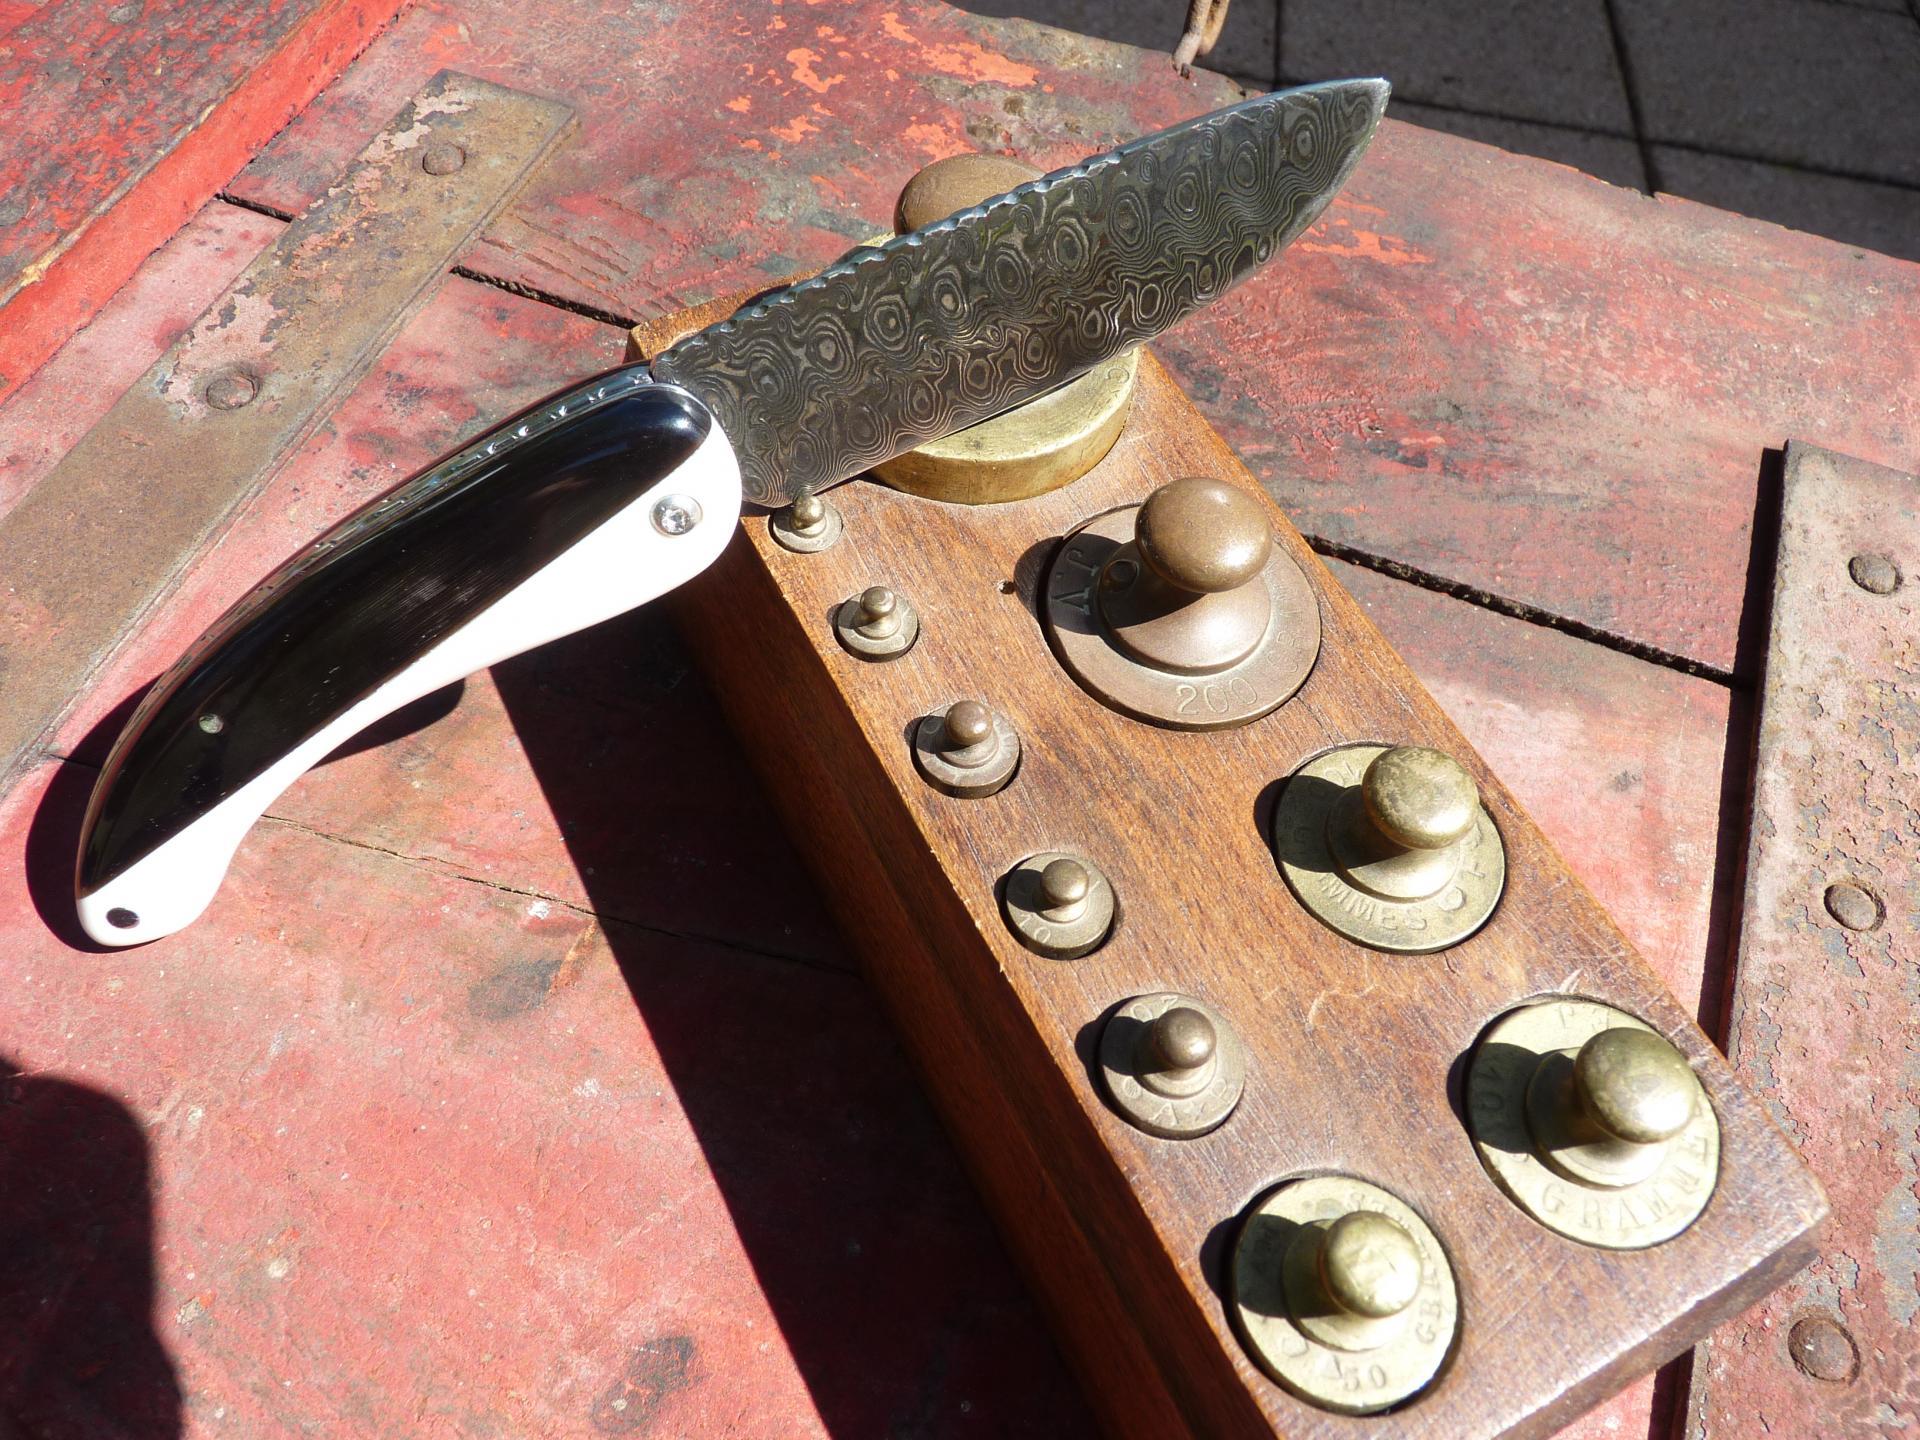 Damas inox sur ivoire synthétique et corne de buffle